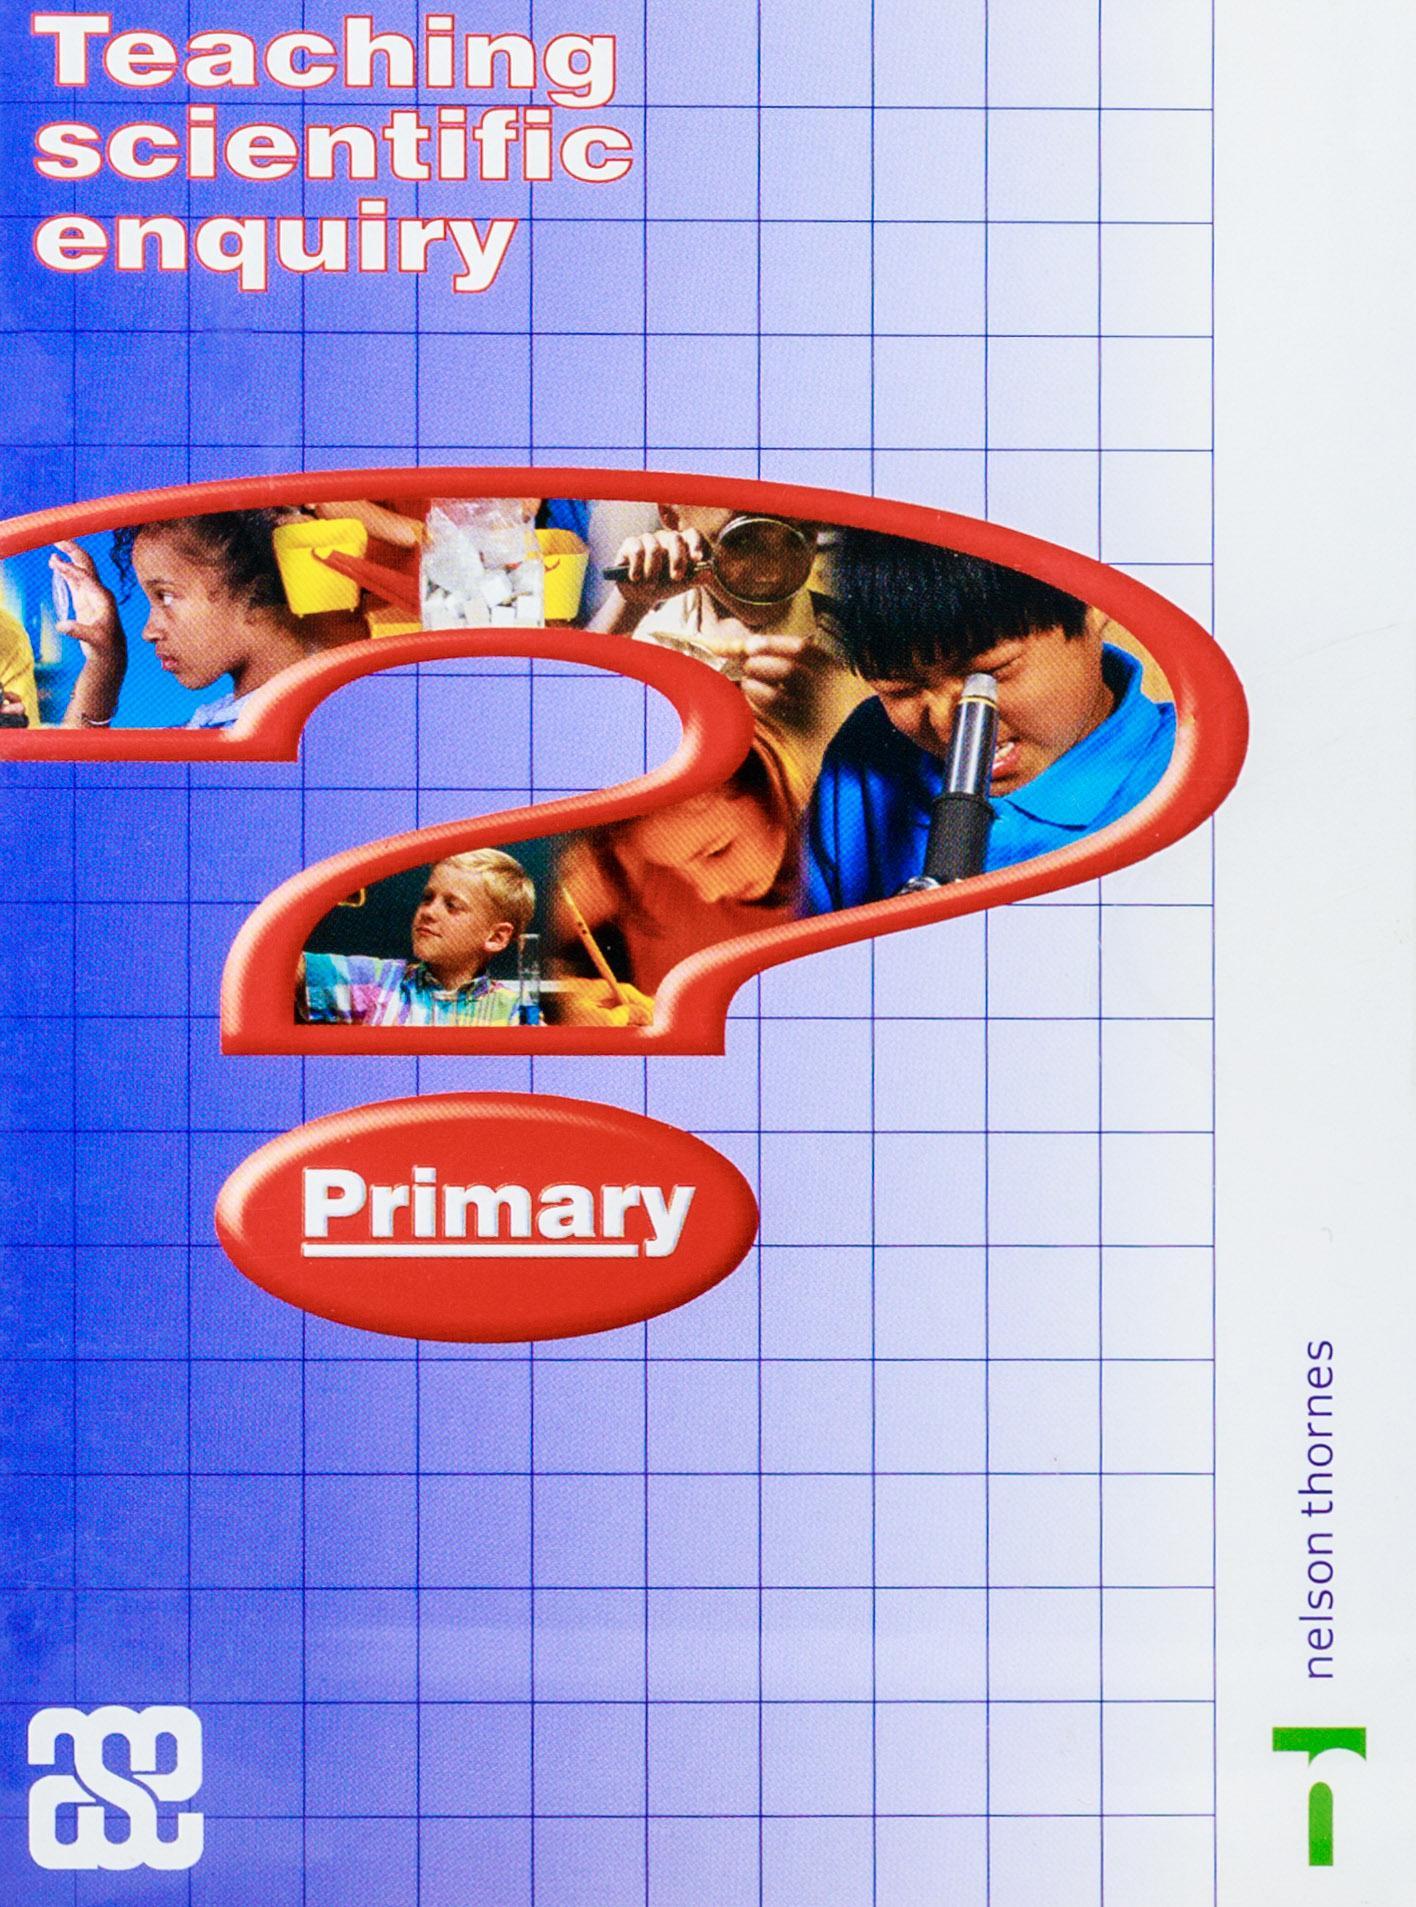 Teaching Scientific Enquiry KS1/2 CD